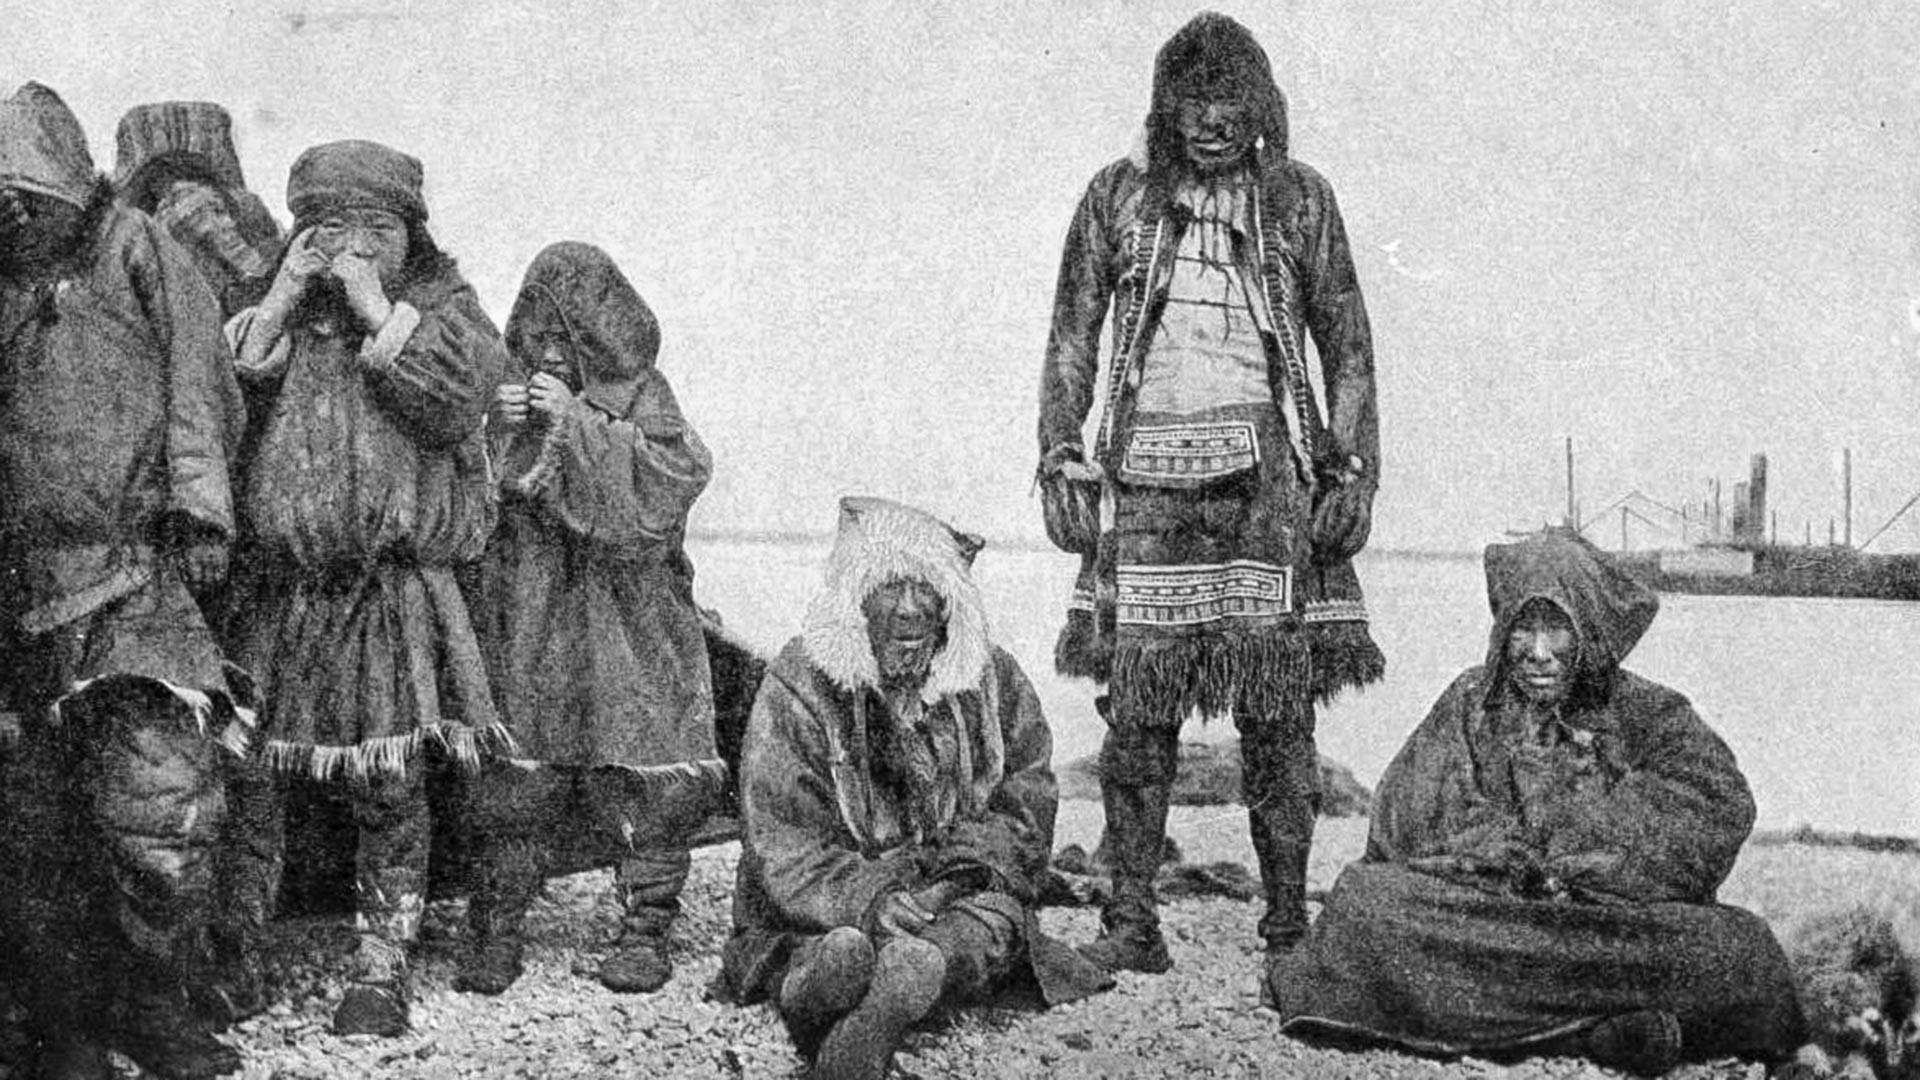 Čukotska obitelj: starac, starica i djeca na obali.